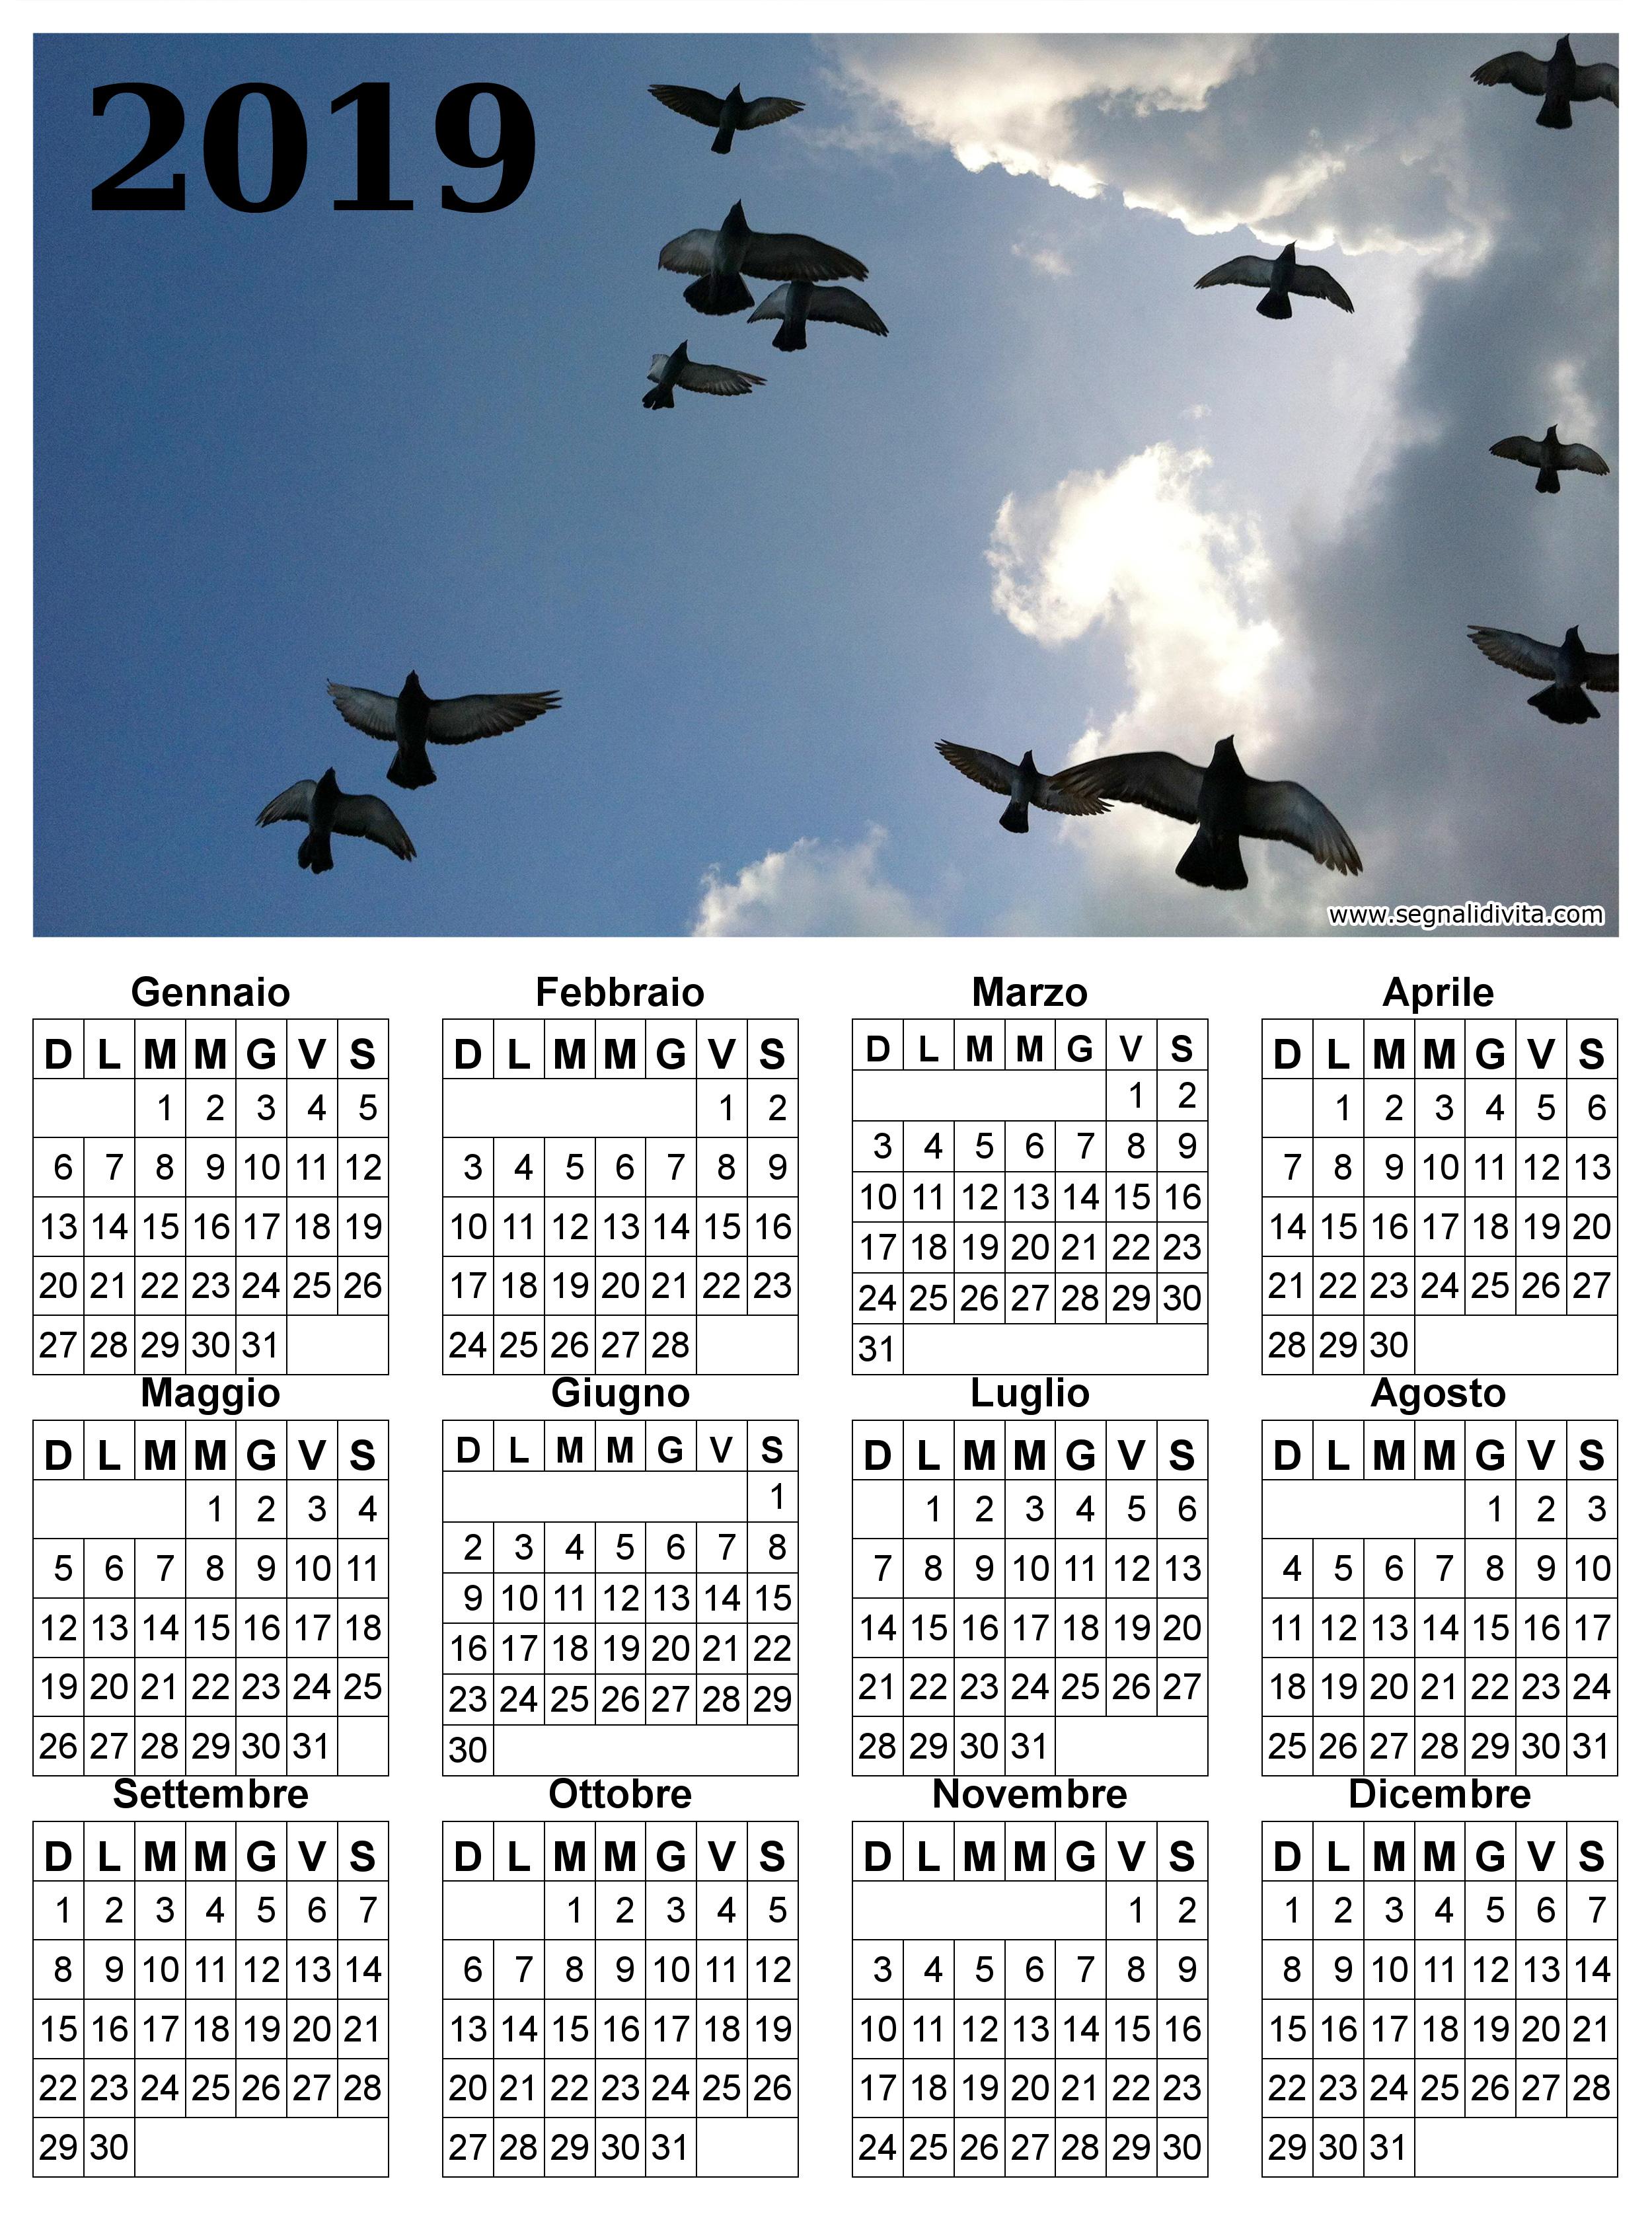 Calendario uccelli in volo del 2019